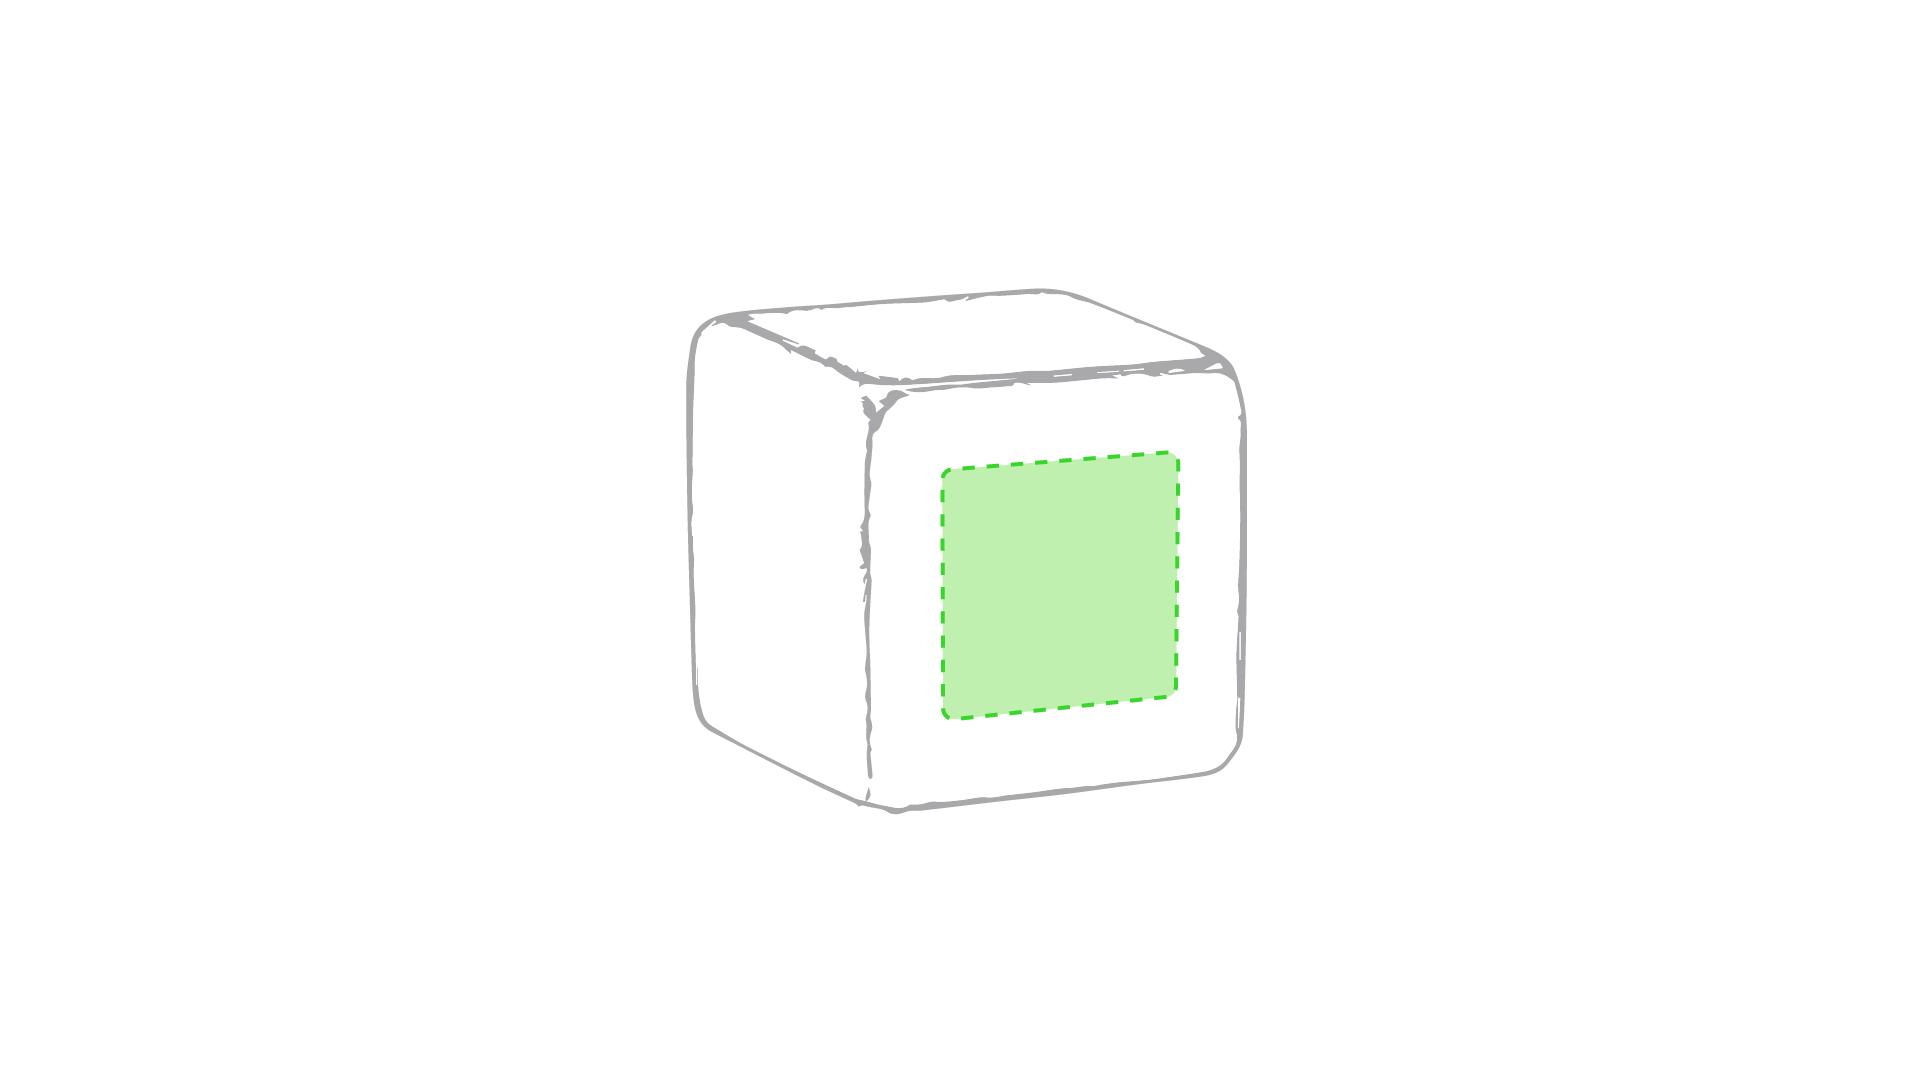 En una de las caras del cubo